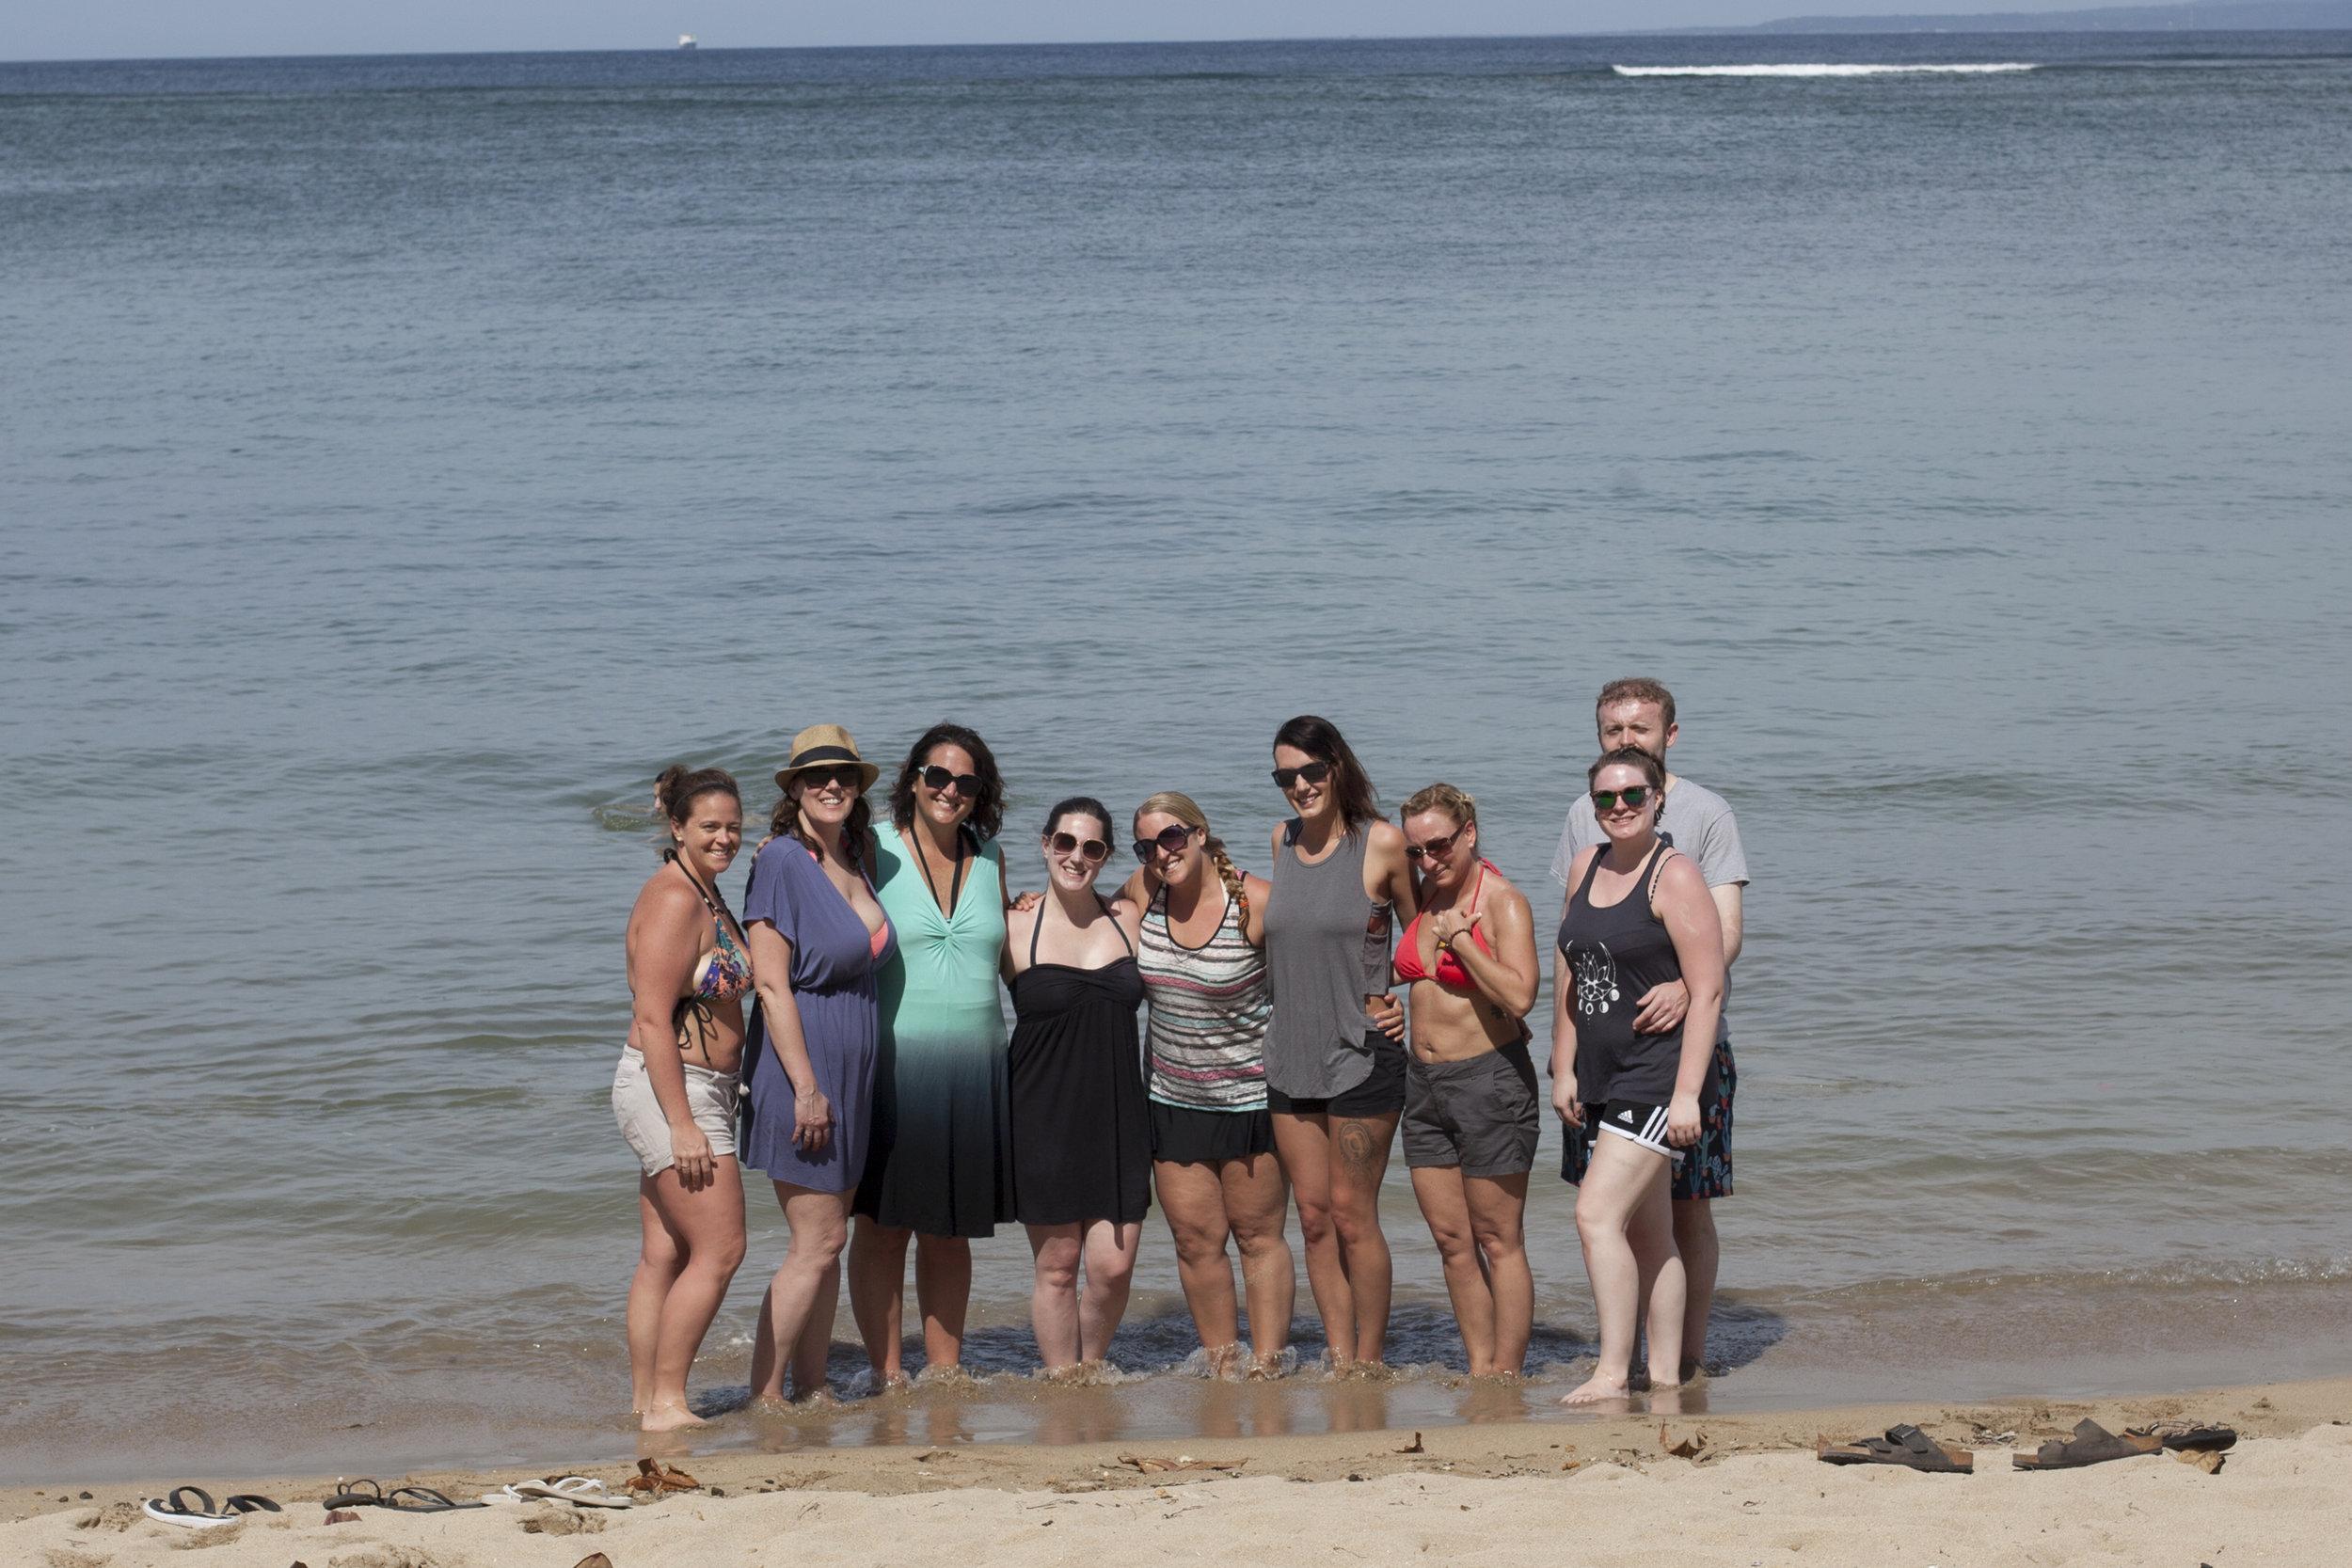 Bali Beach Day 2016